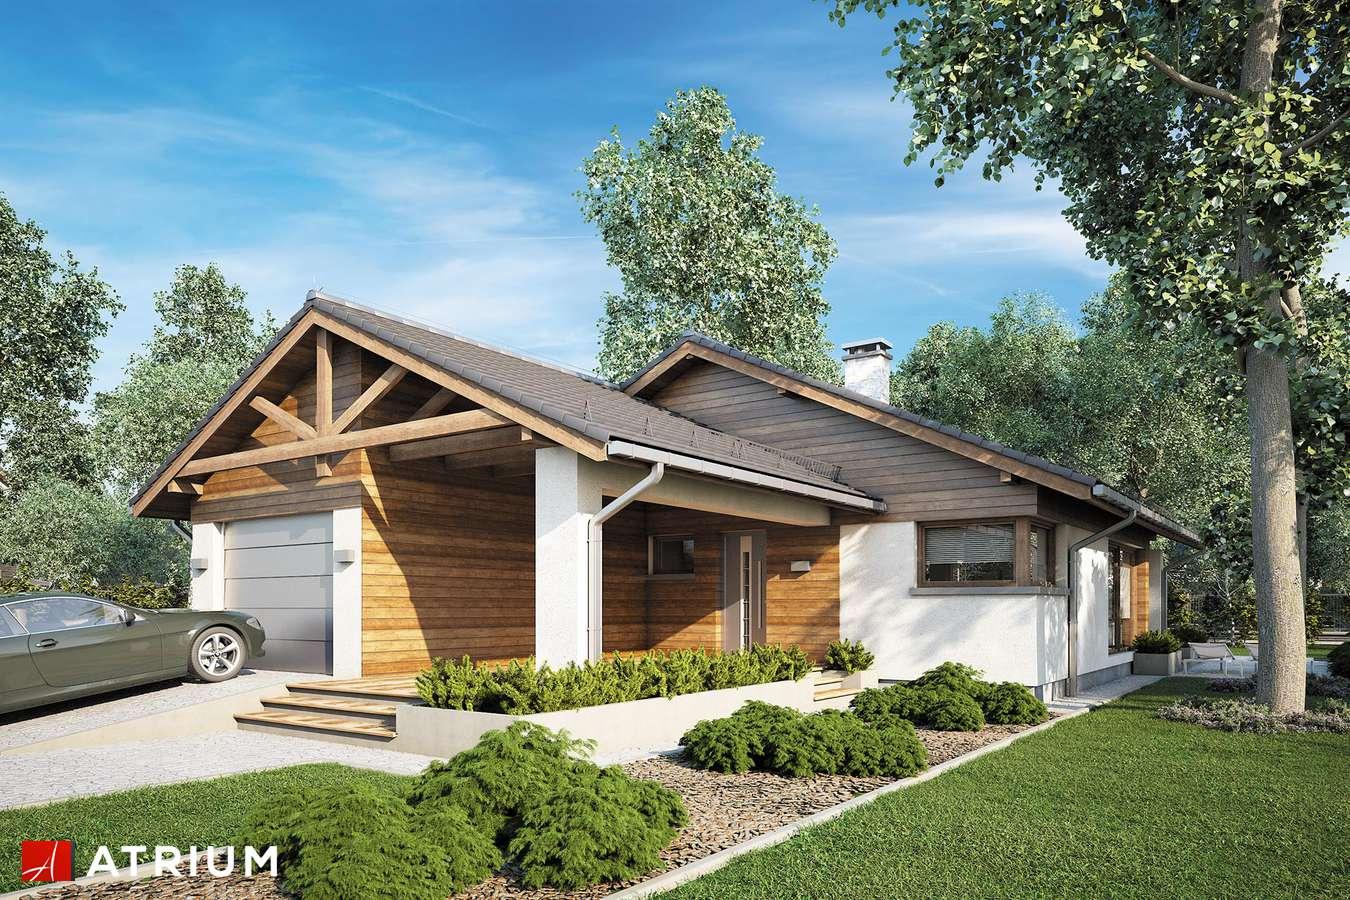 Projekty domów - Projekt domu parterowego PELIKAN III PLUS - wizualizacja 1 - wersja lustrzana